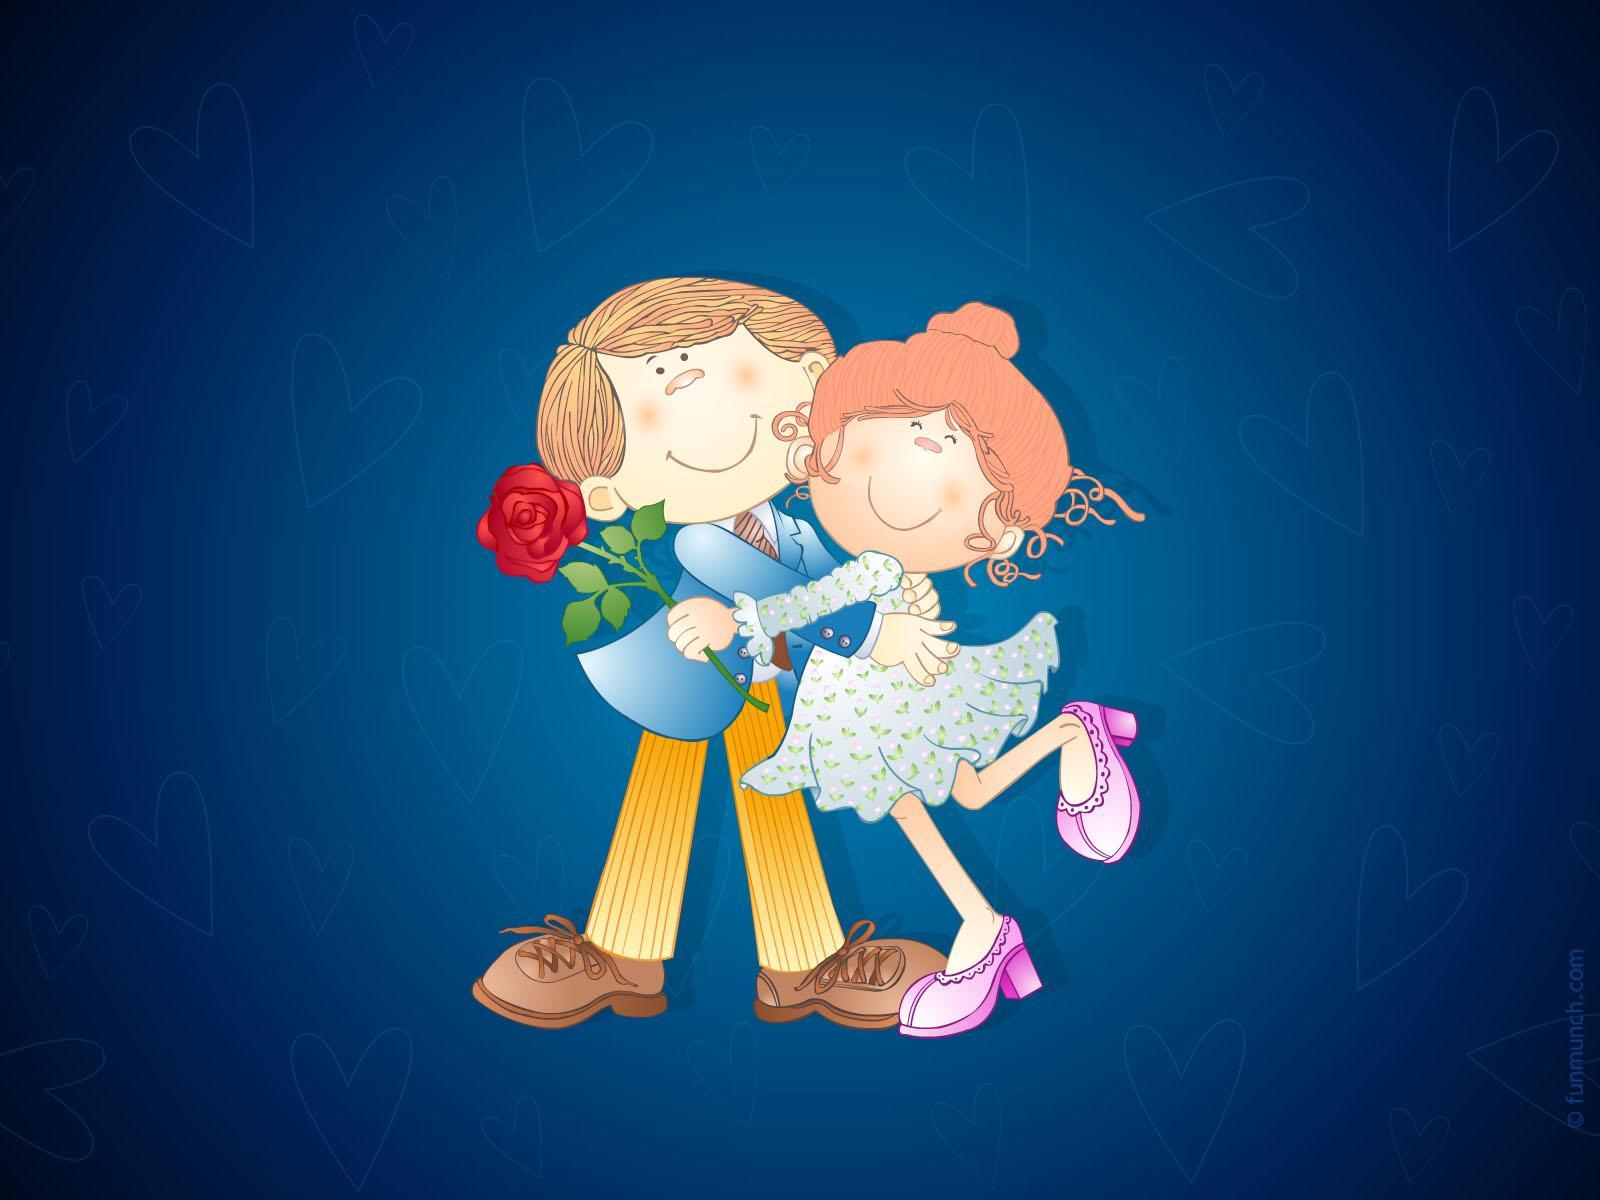 Прикольная картинка пара влюбленных